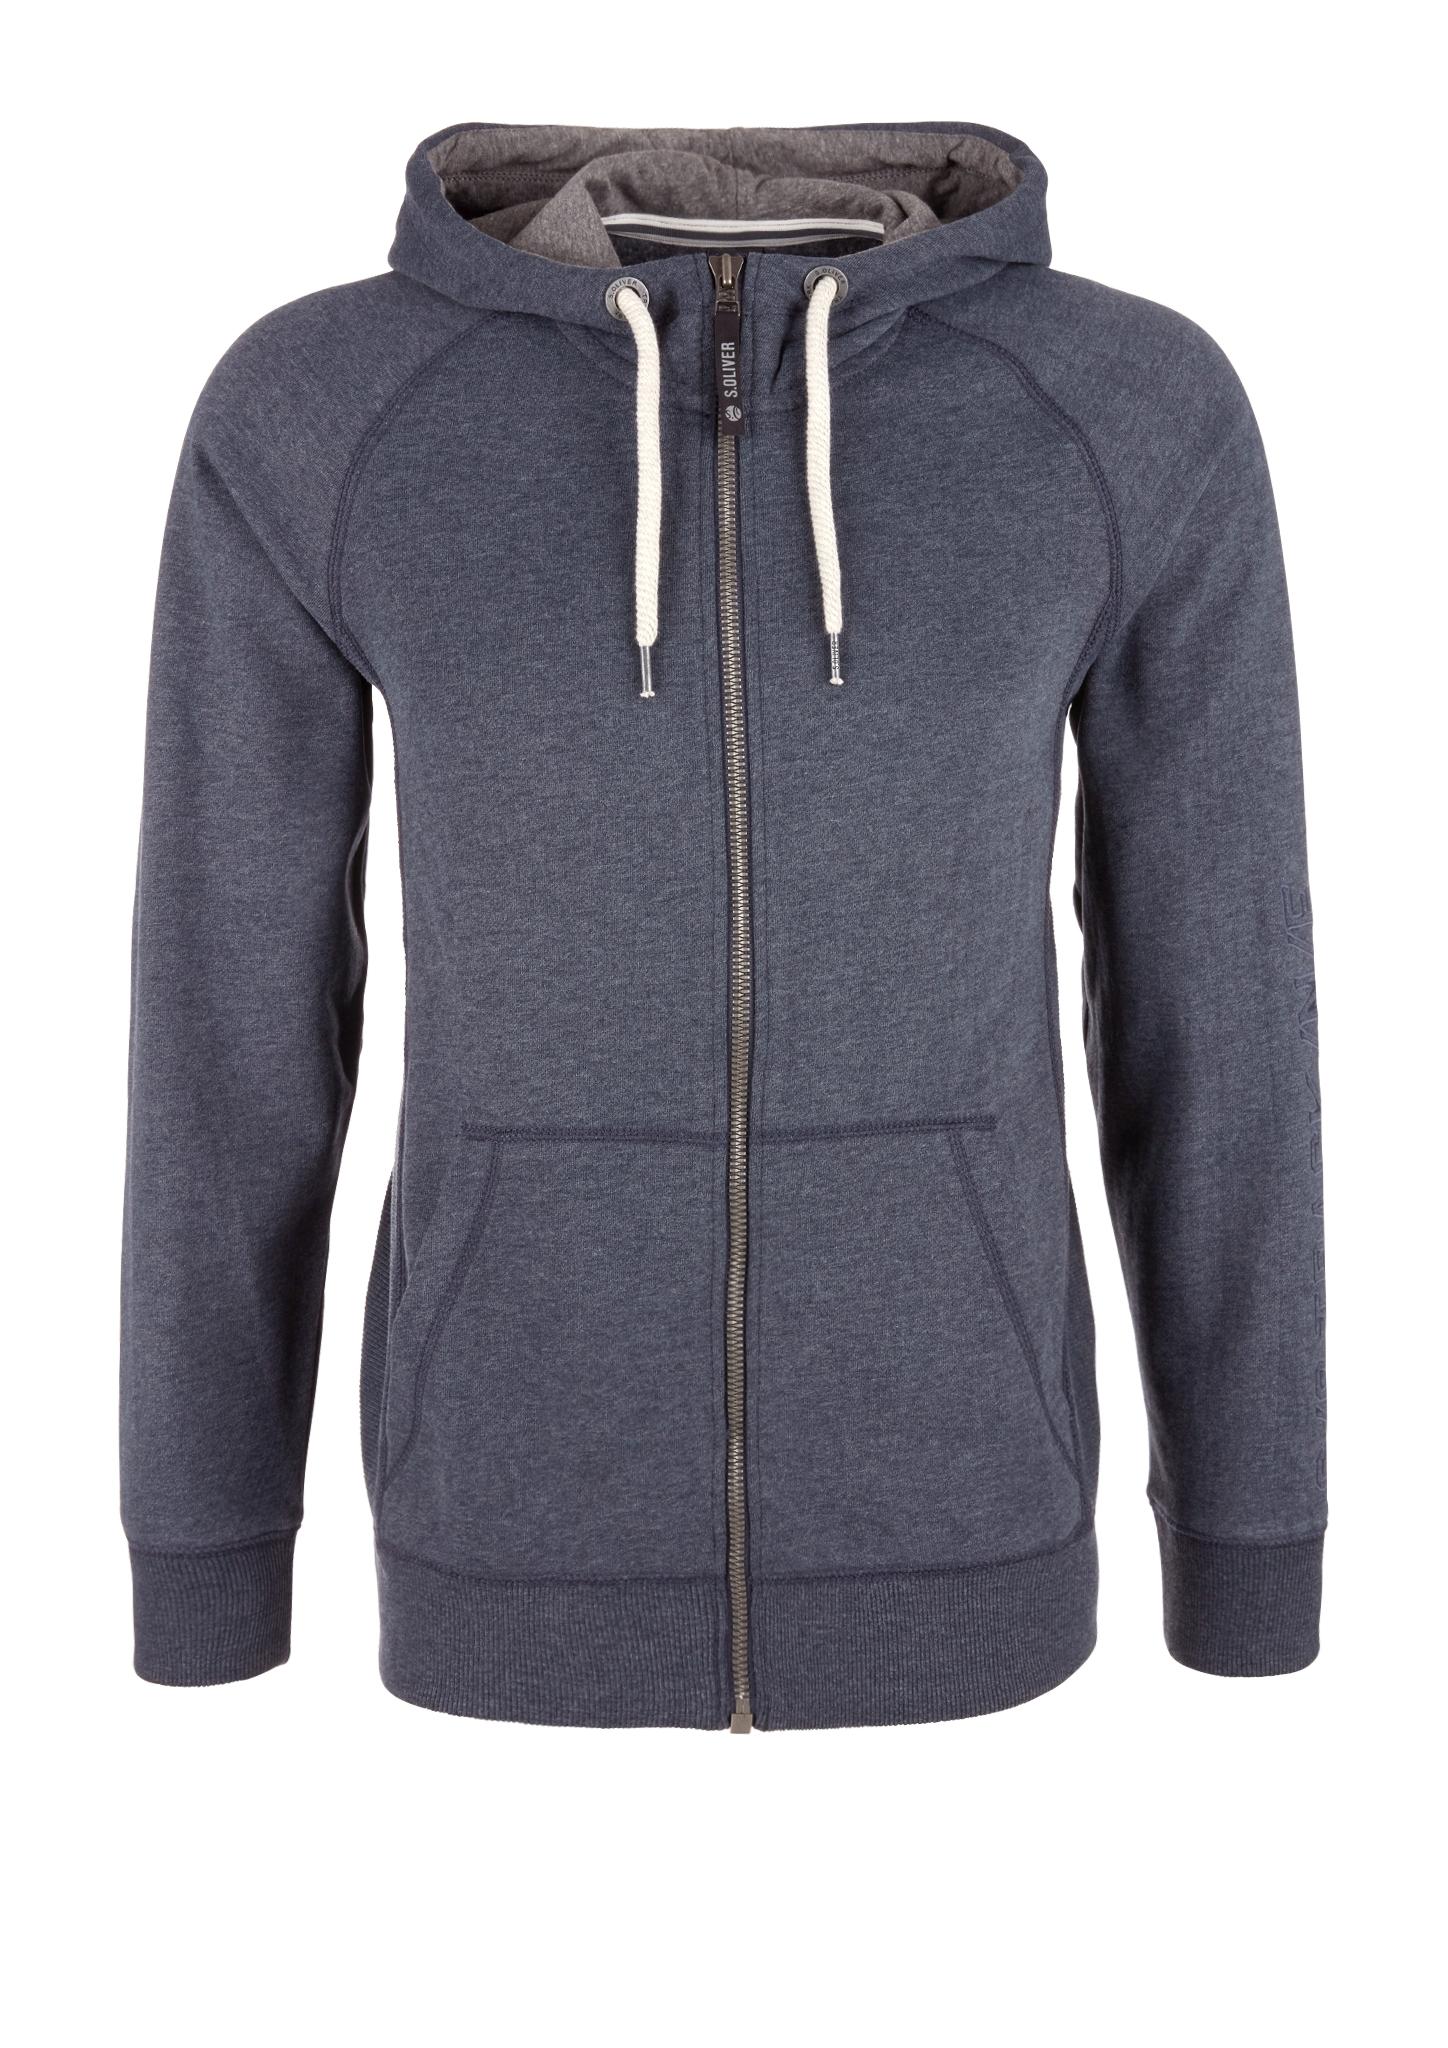 Sweatjacke | Bekleidung > Sweatshirts & -jacken > Sweatjacken | Blau | 73% baumwolle -  25% polyester -  2% viskose | s.Oliver